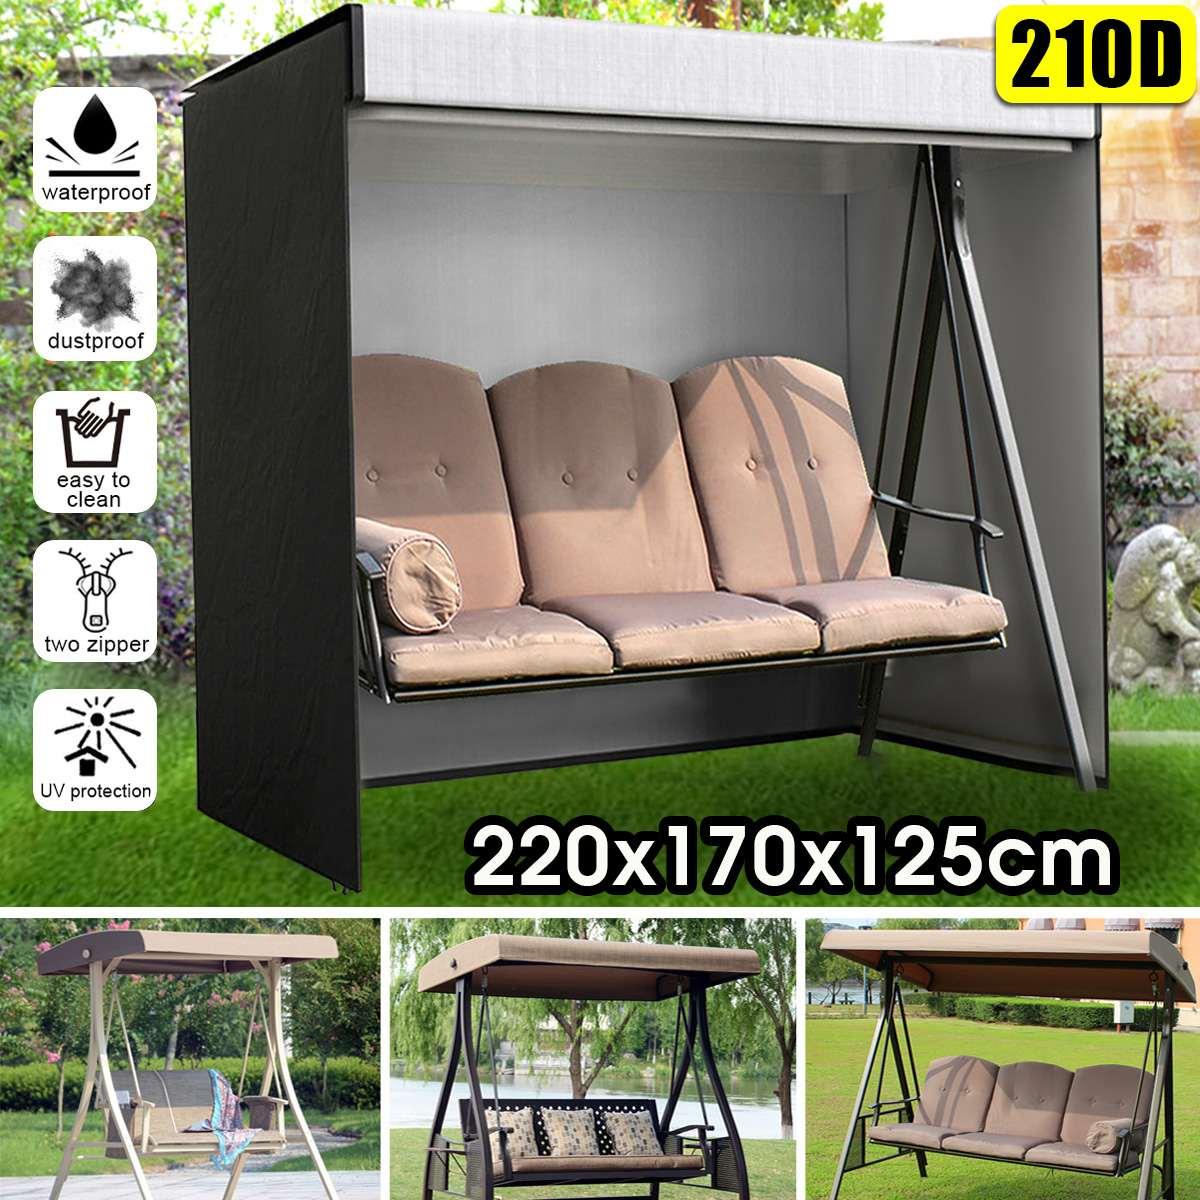 210D 3 местный Висячие качели кресло гамак пылезащитный чехол наружная садовая мебель протектор пылезащитные чехлы